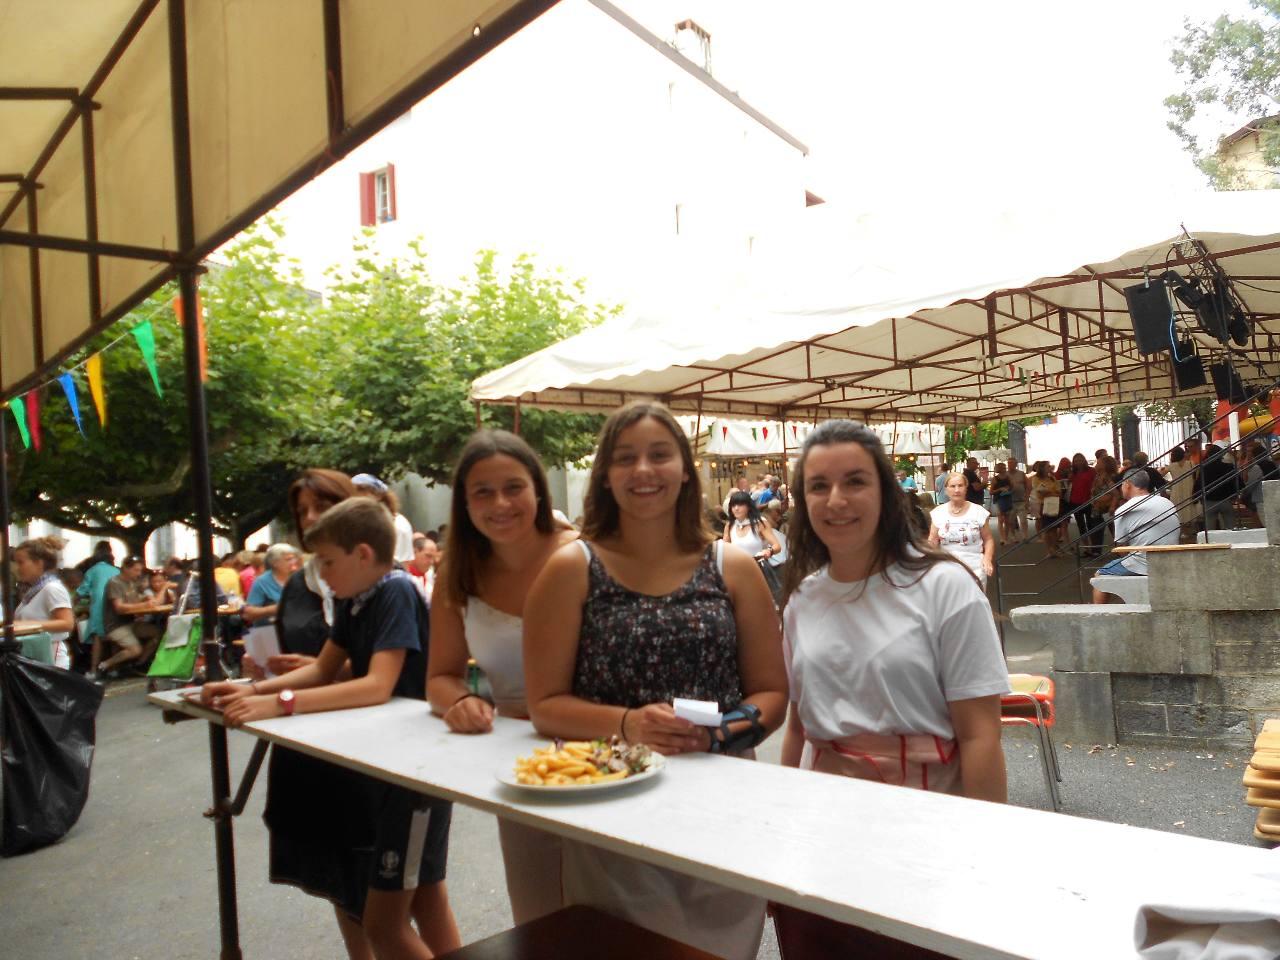 En attendant, le sourire d'Elena, Océane et Ludivine. Alexandre, très sérieux, attend de recevoir la commande d'une table à servir.